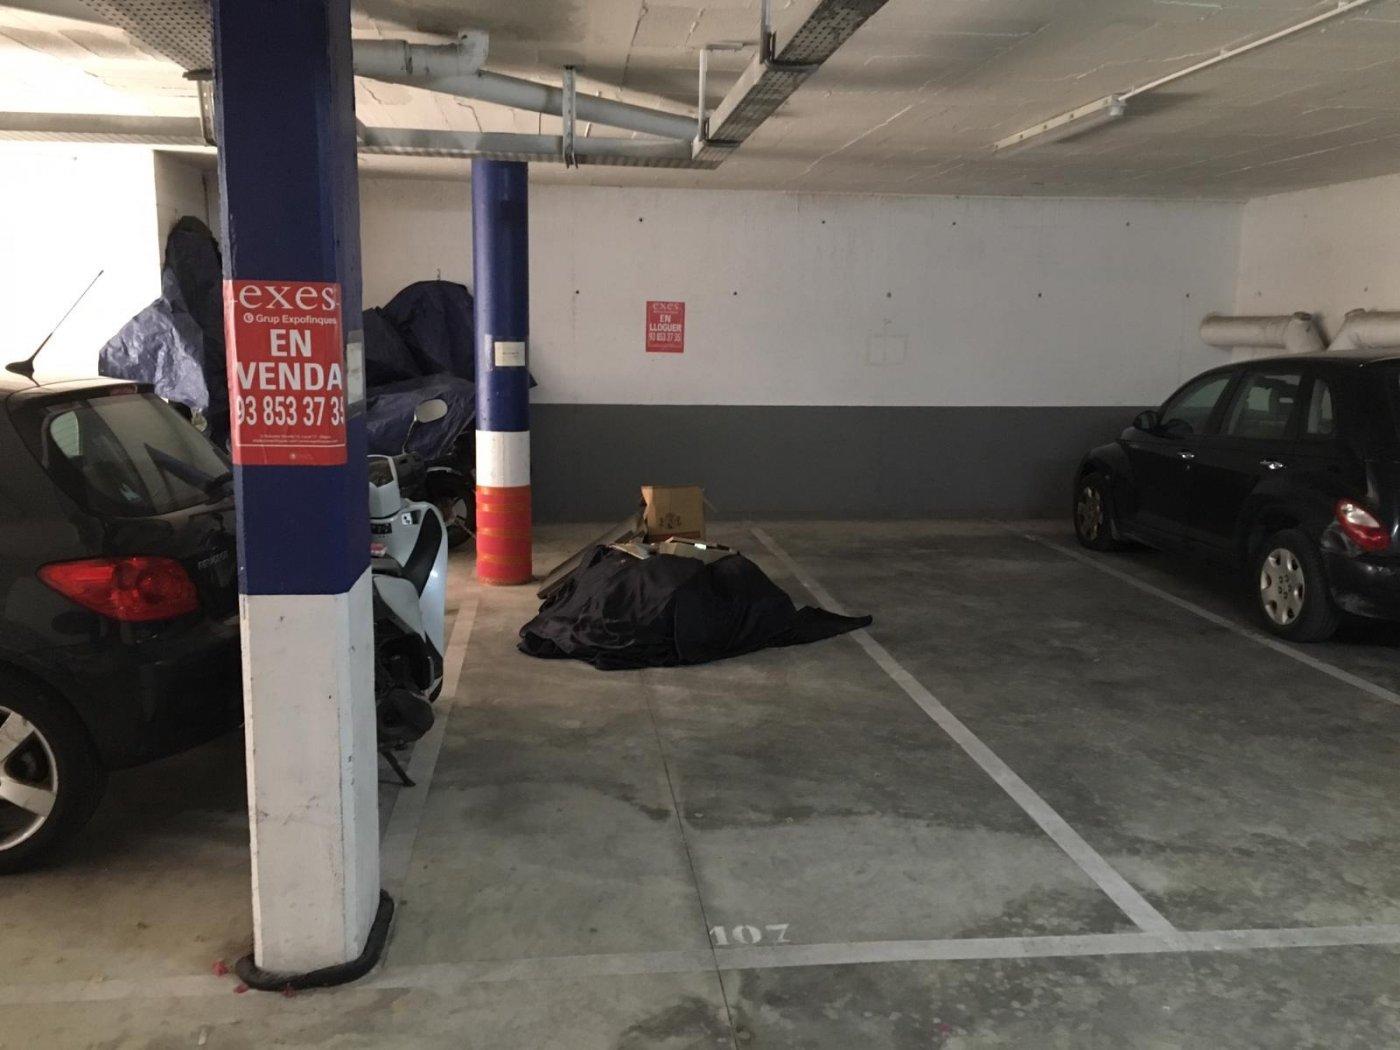 Lloguer Aparcament cotxe  Sitges ,can pei. Parking en josep irla, can pei, de 16m2 útiles.